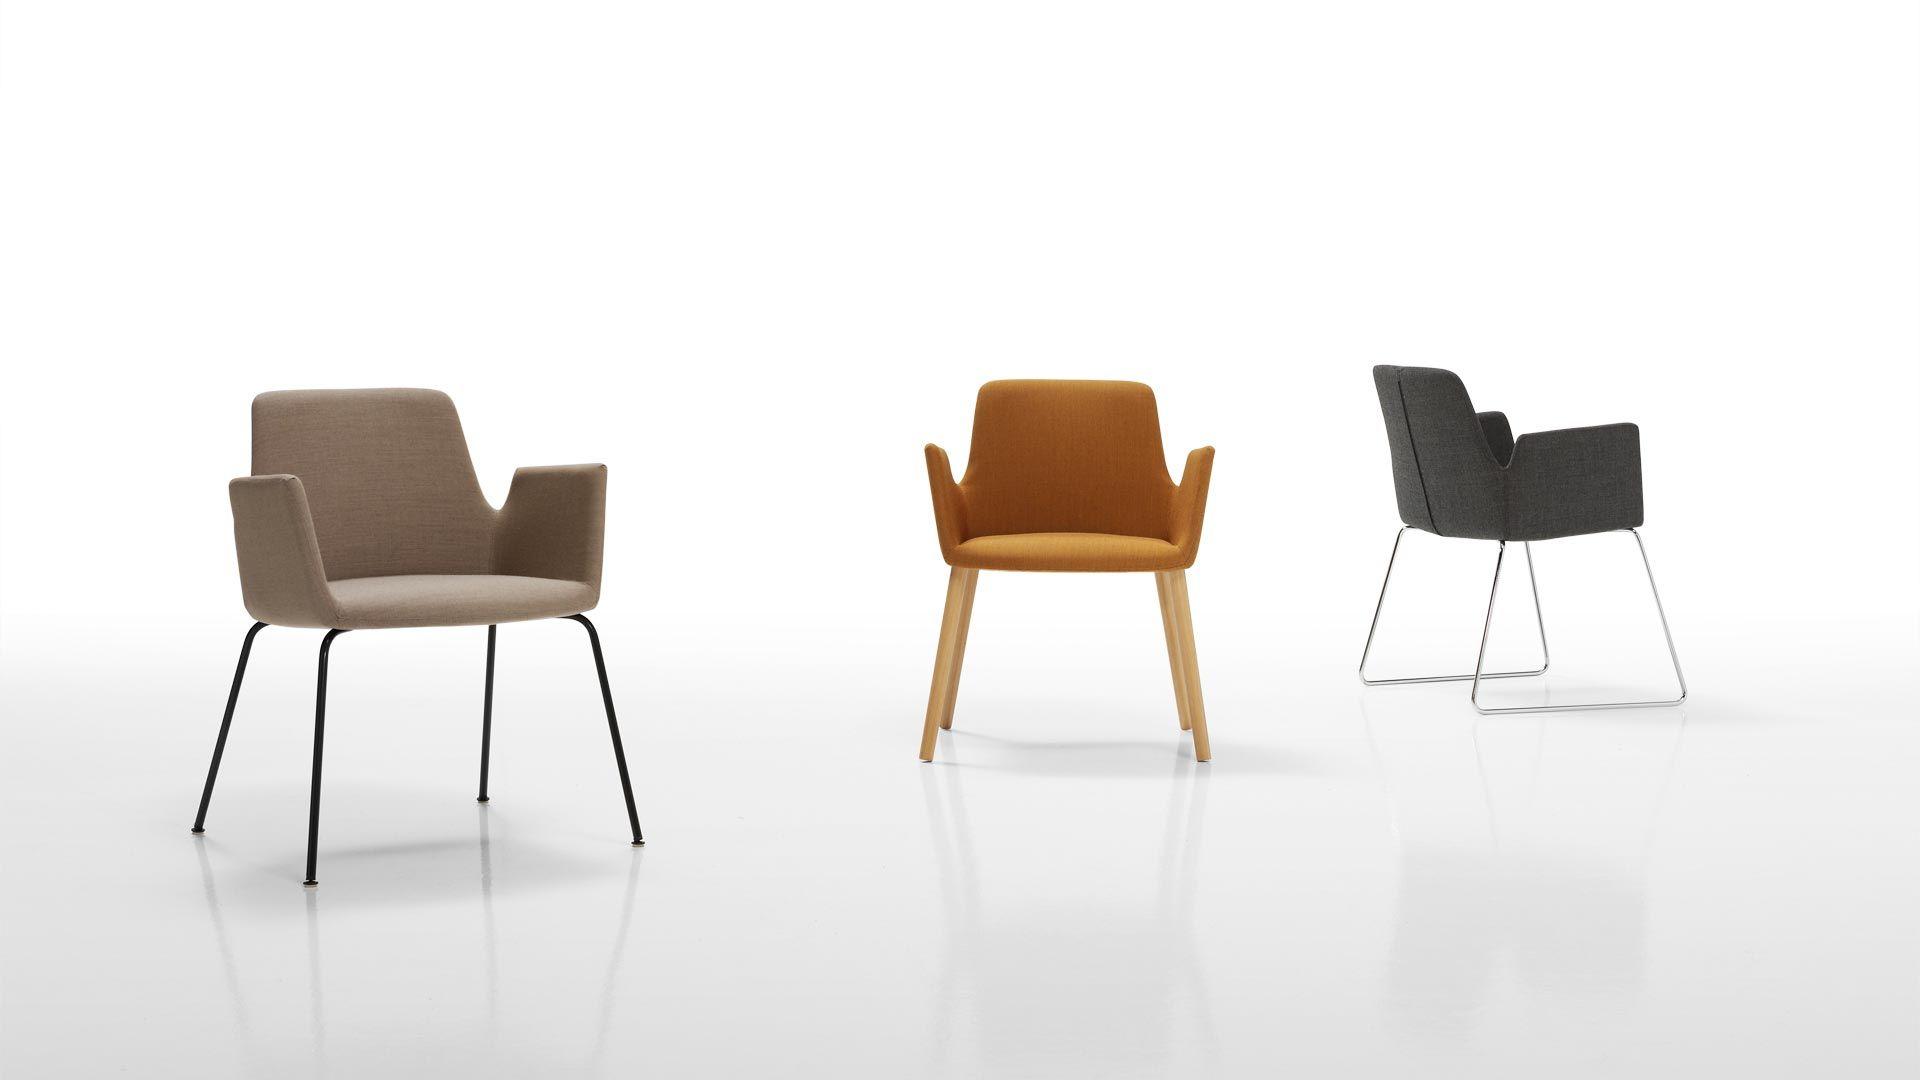 Mobilier de bureau chaises visiteur stua design salle dattente